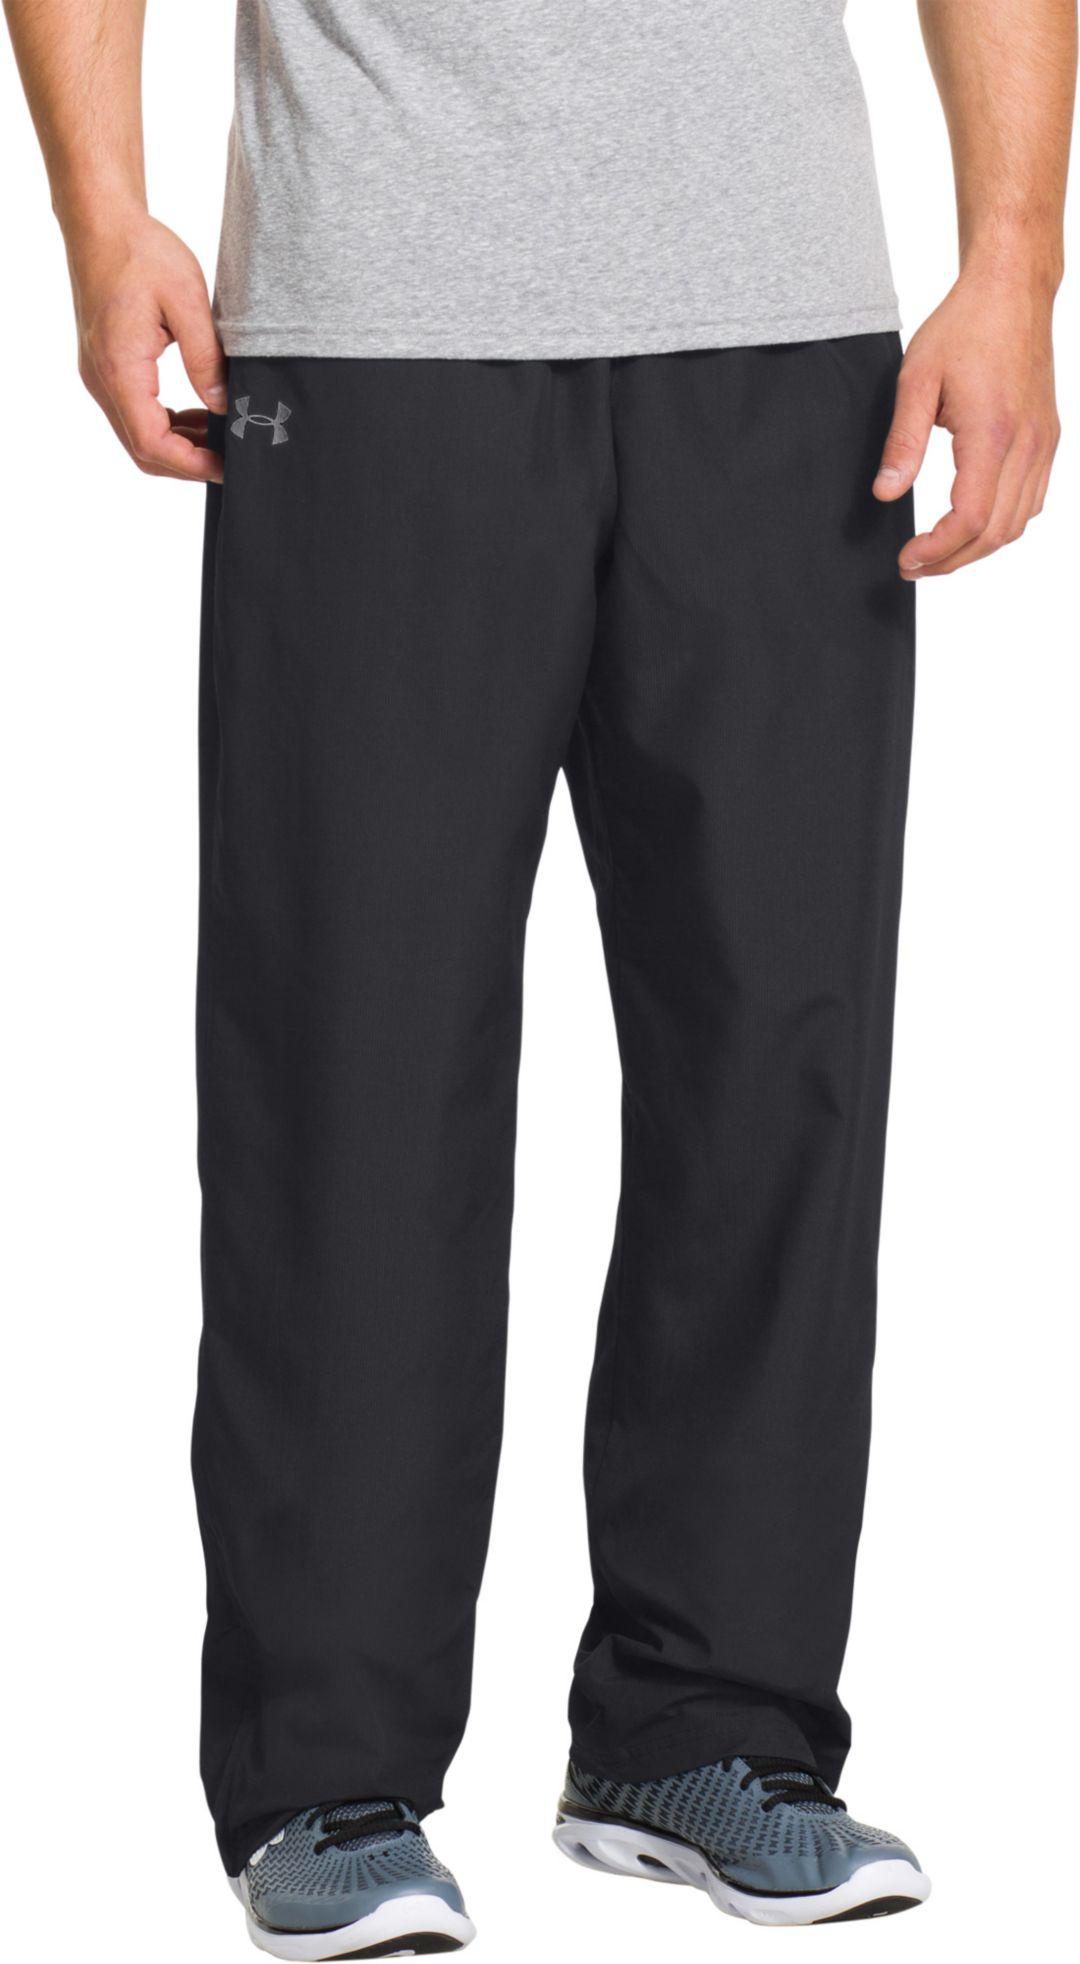 e34d08510f Under Armour Men's Vital Warm-Up Pants